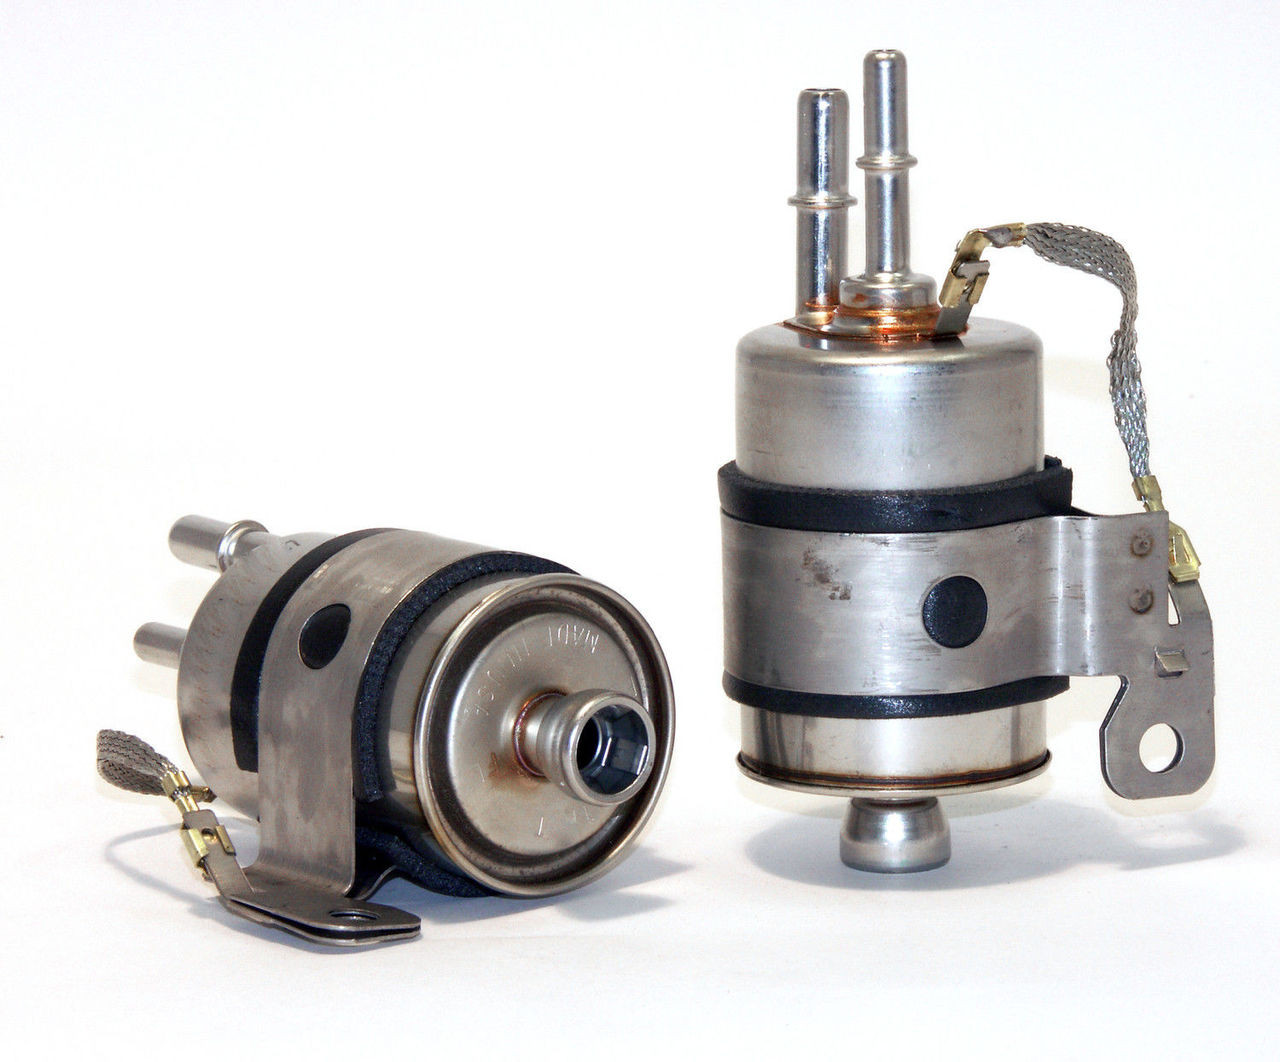 ls1 lsx engine swap wix fuel filter w built in regulator hawkscamaro fuel filter 11 [ 1280 x 1062 Pixel ]